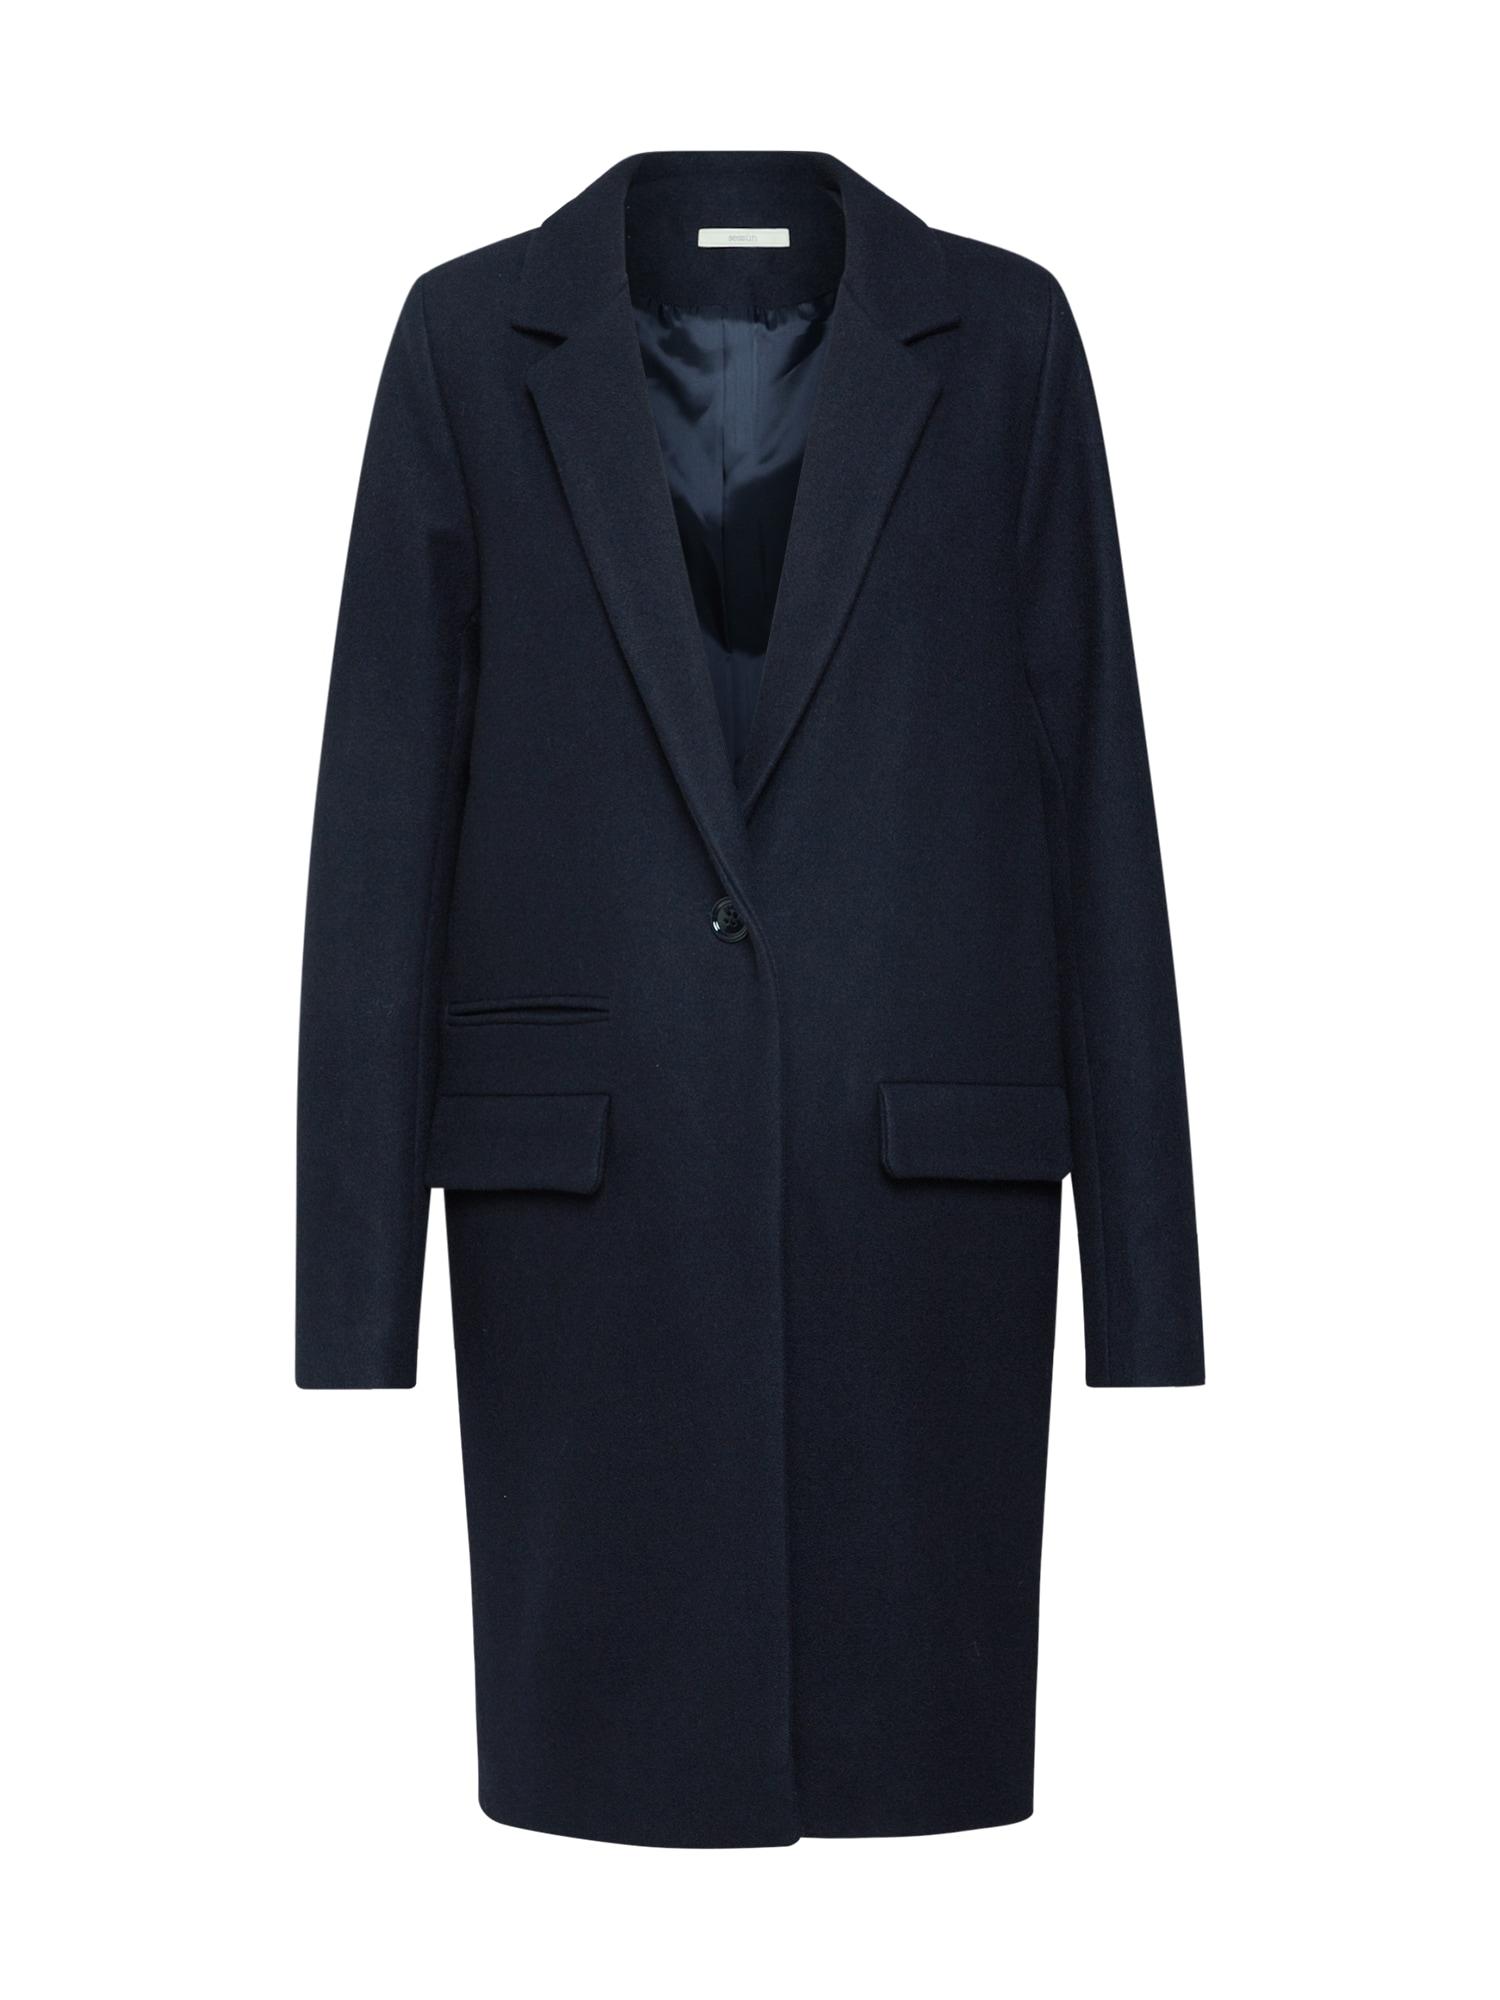 Přechodný kabát JOHN námořnická modř Sessun